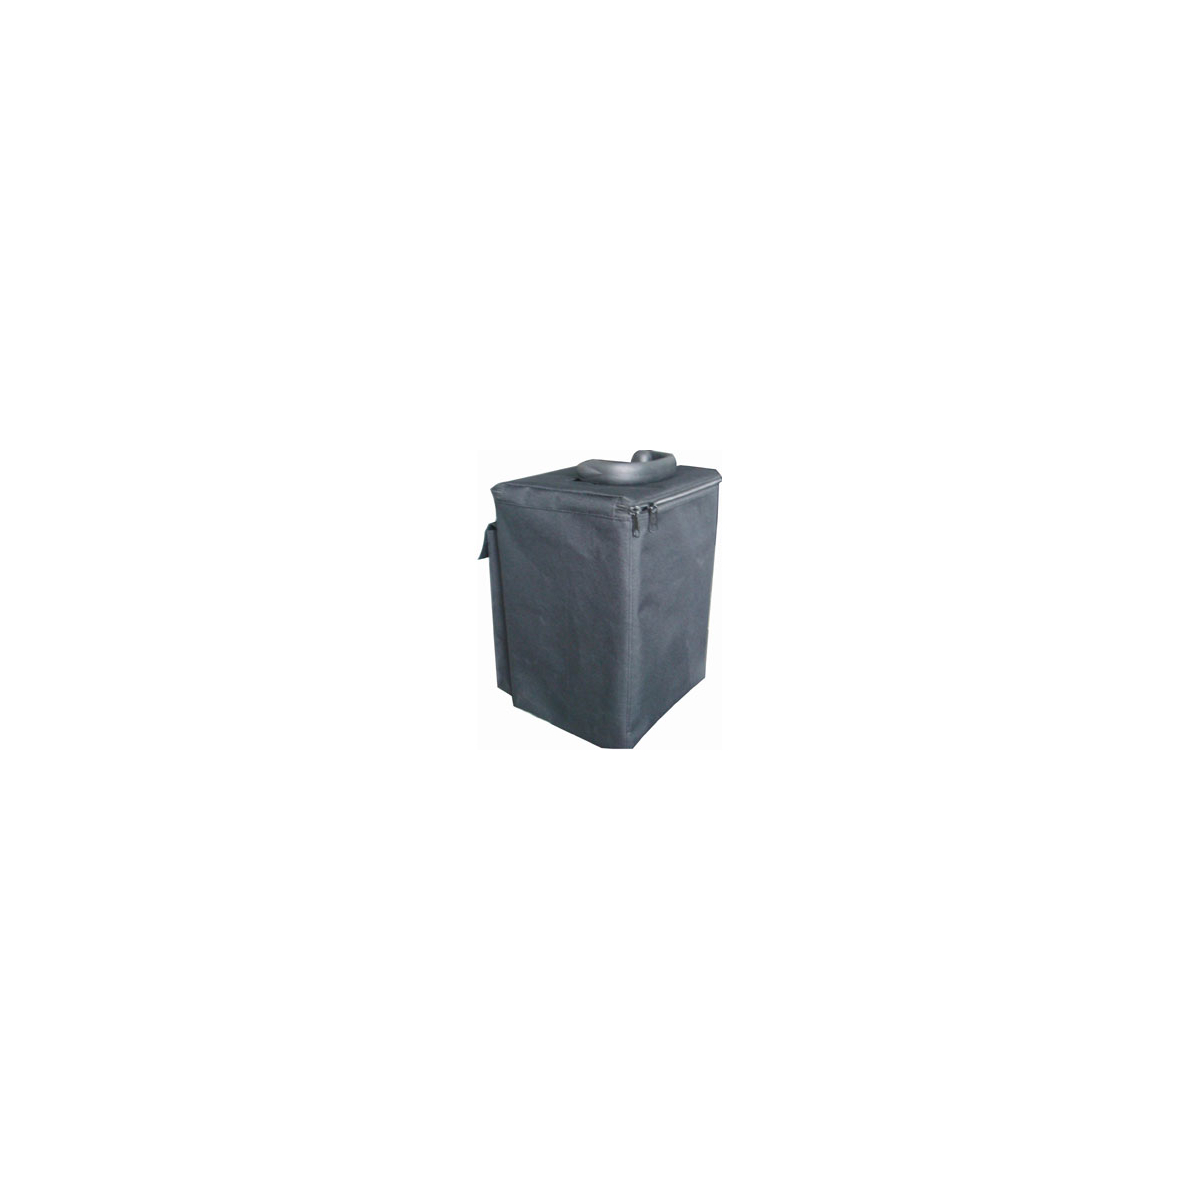 Housses sonos portables - Power Acoustics - Sonorisation - HOUSSE BAG BE 2400